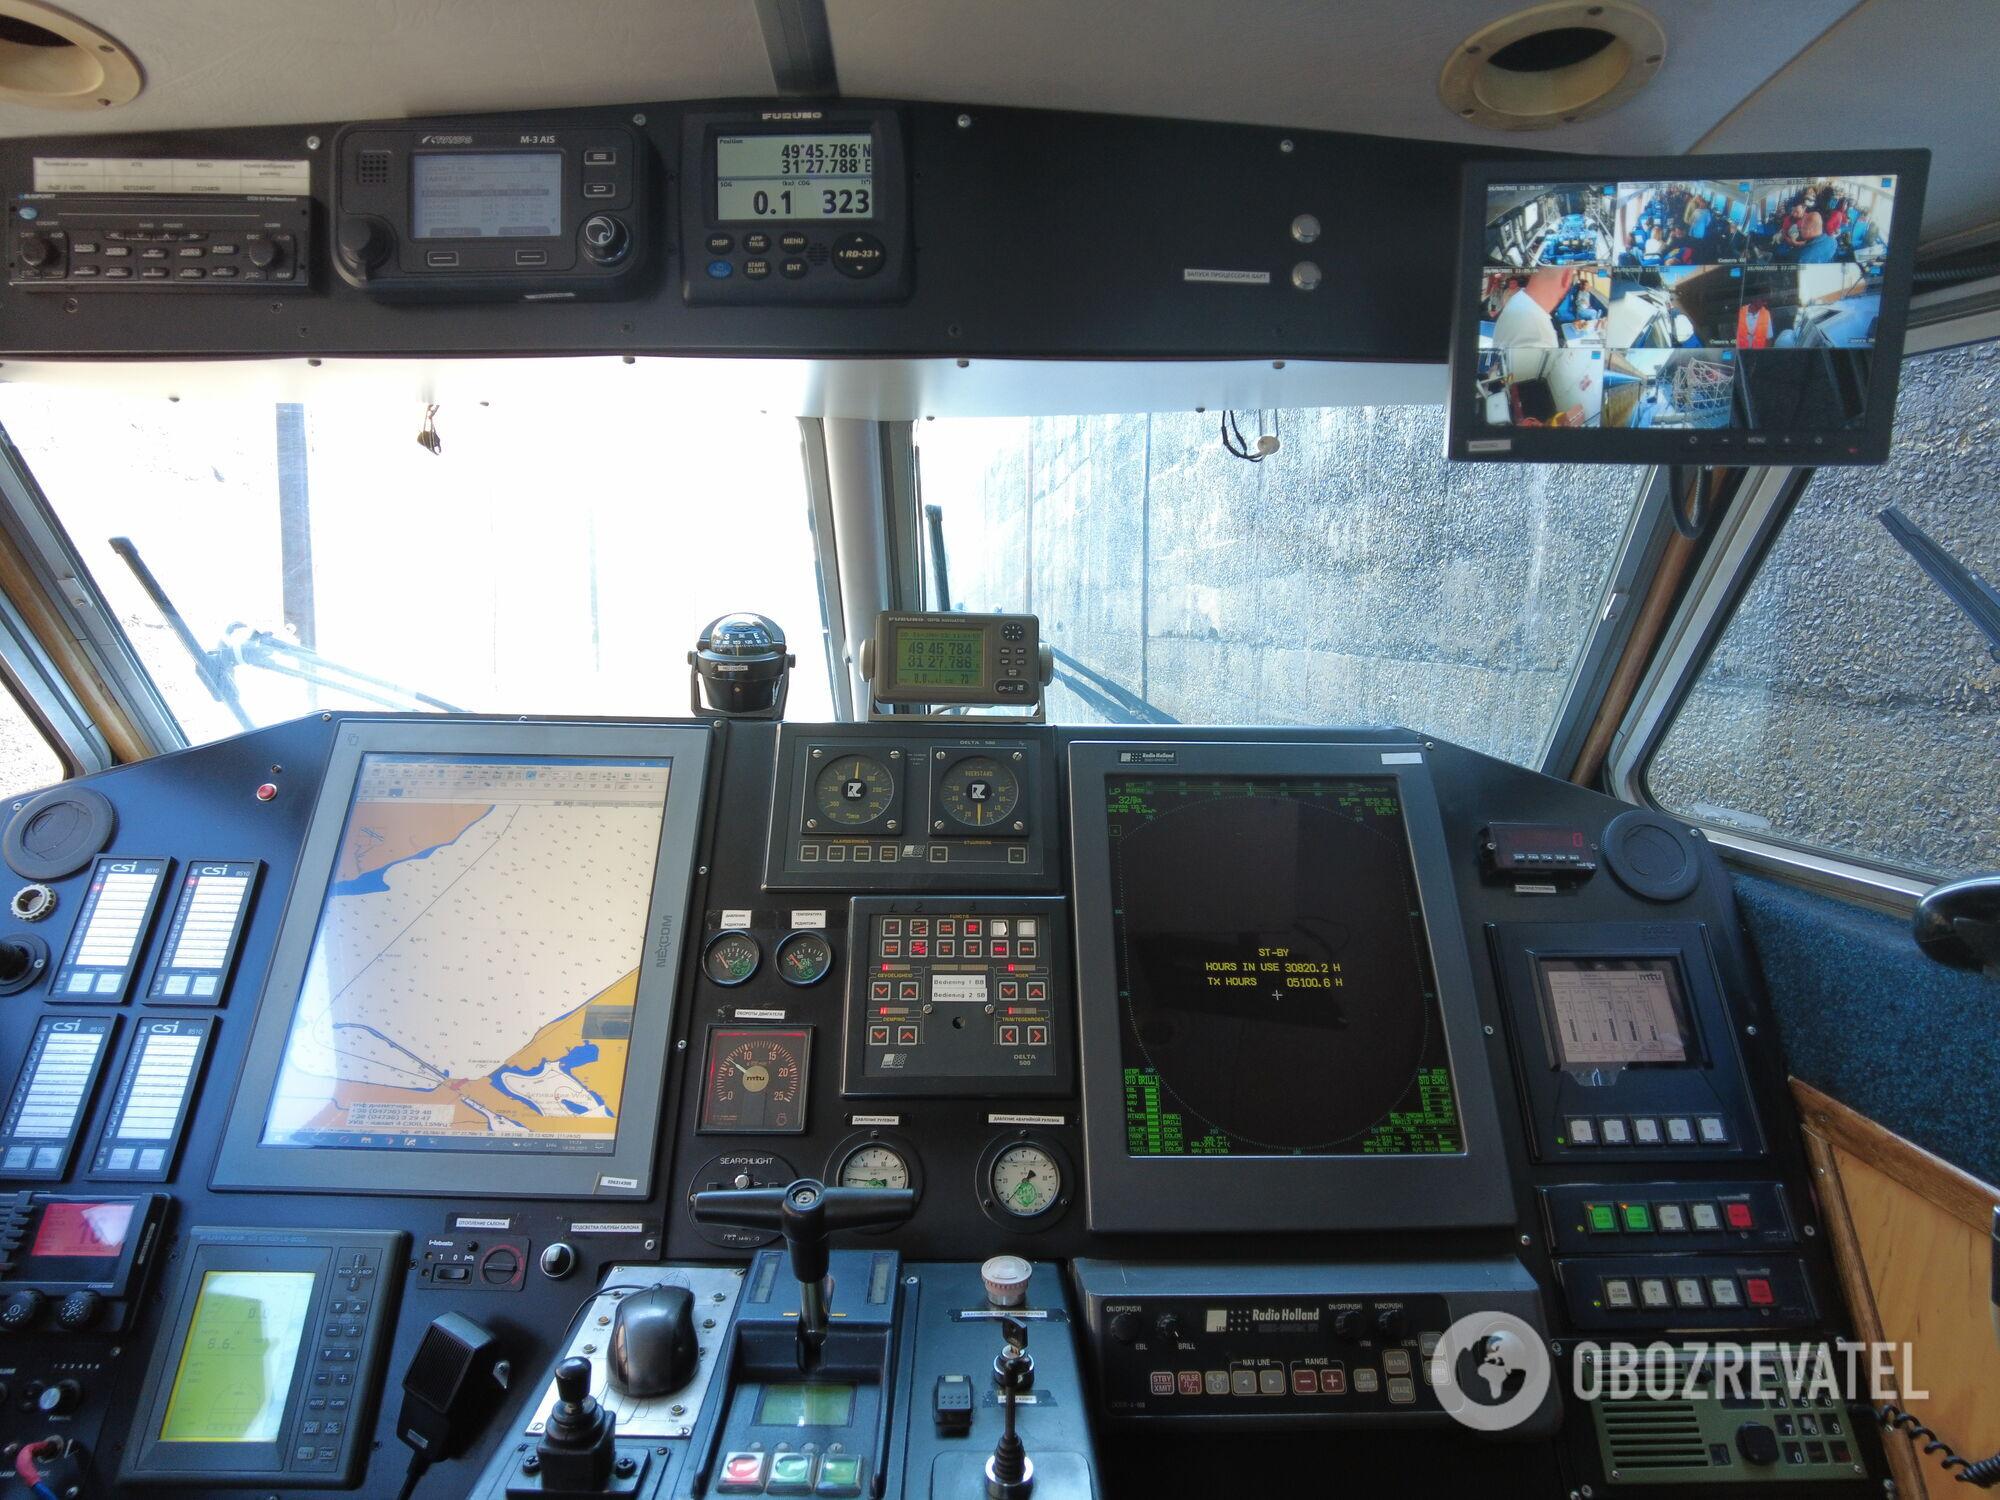 Рубка капітана судна ''Нібулон Експрес-1'' оснащена новітнім обладнанням